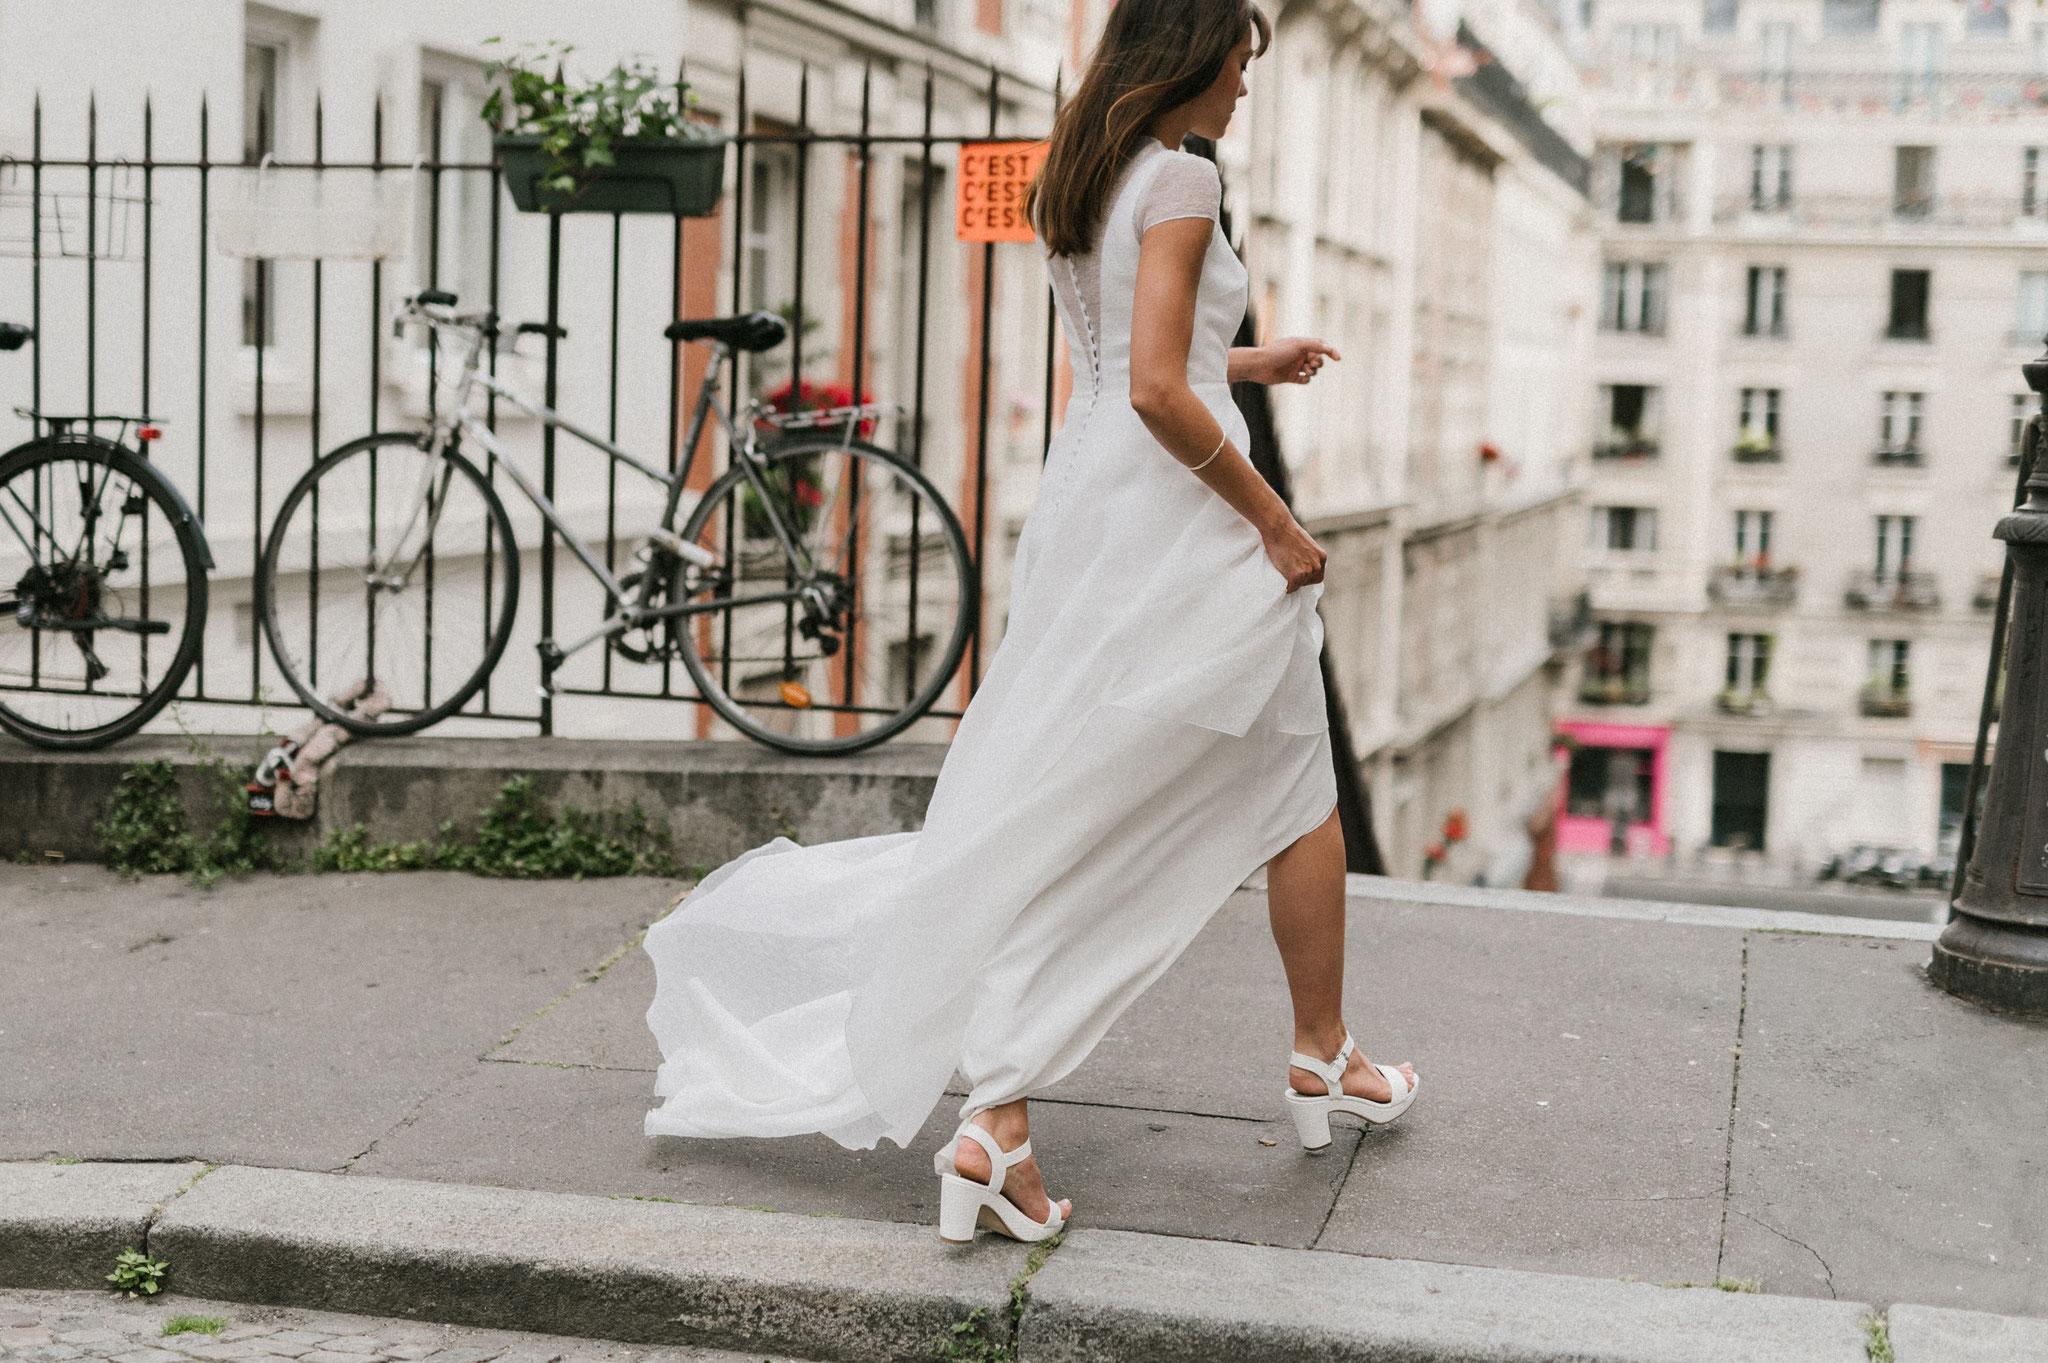 Mademoiselle De Guise - Modèle : Francoeur & Francis - Crédit : @chloelapeyssonnie